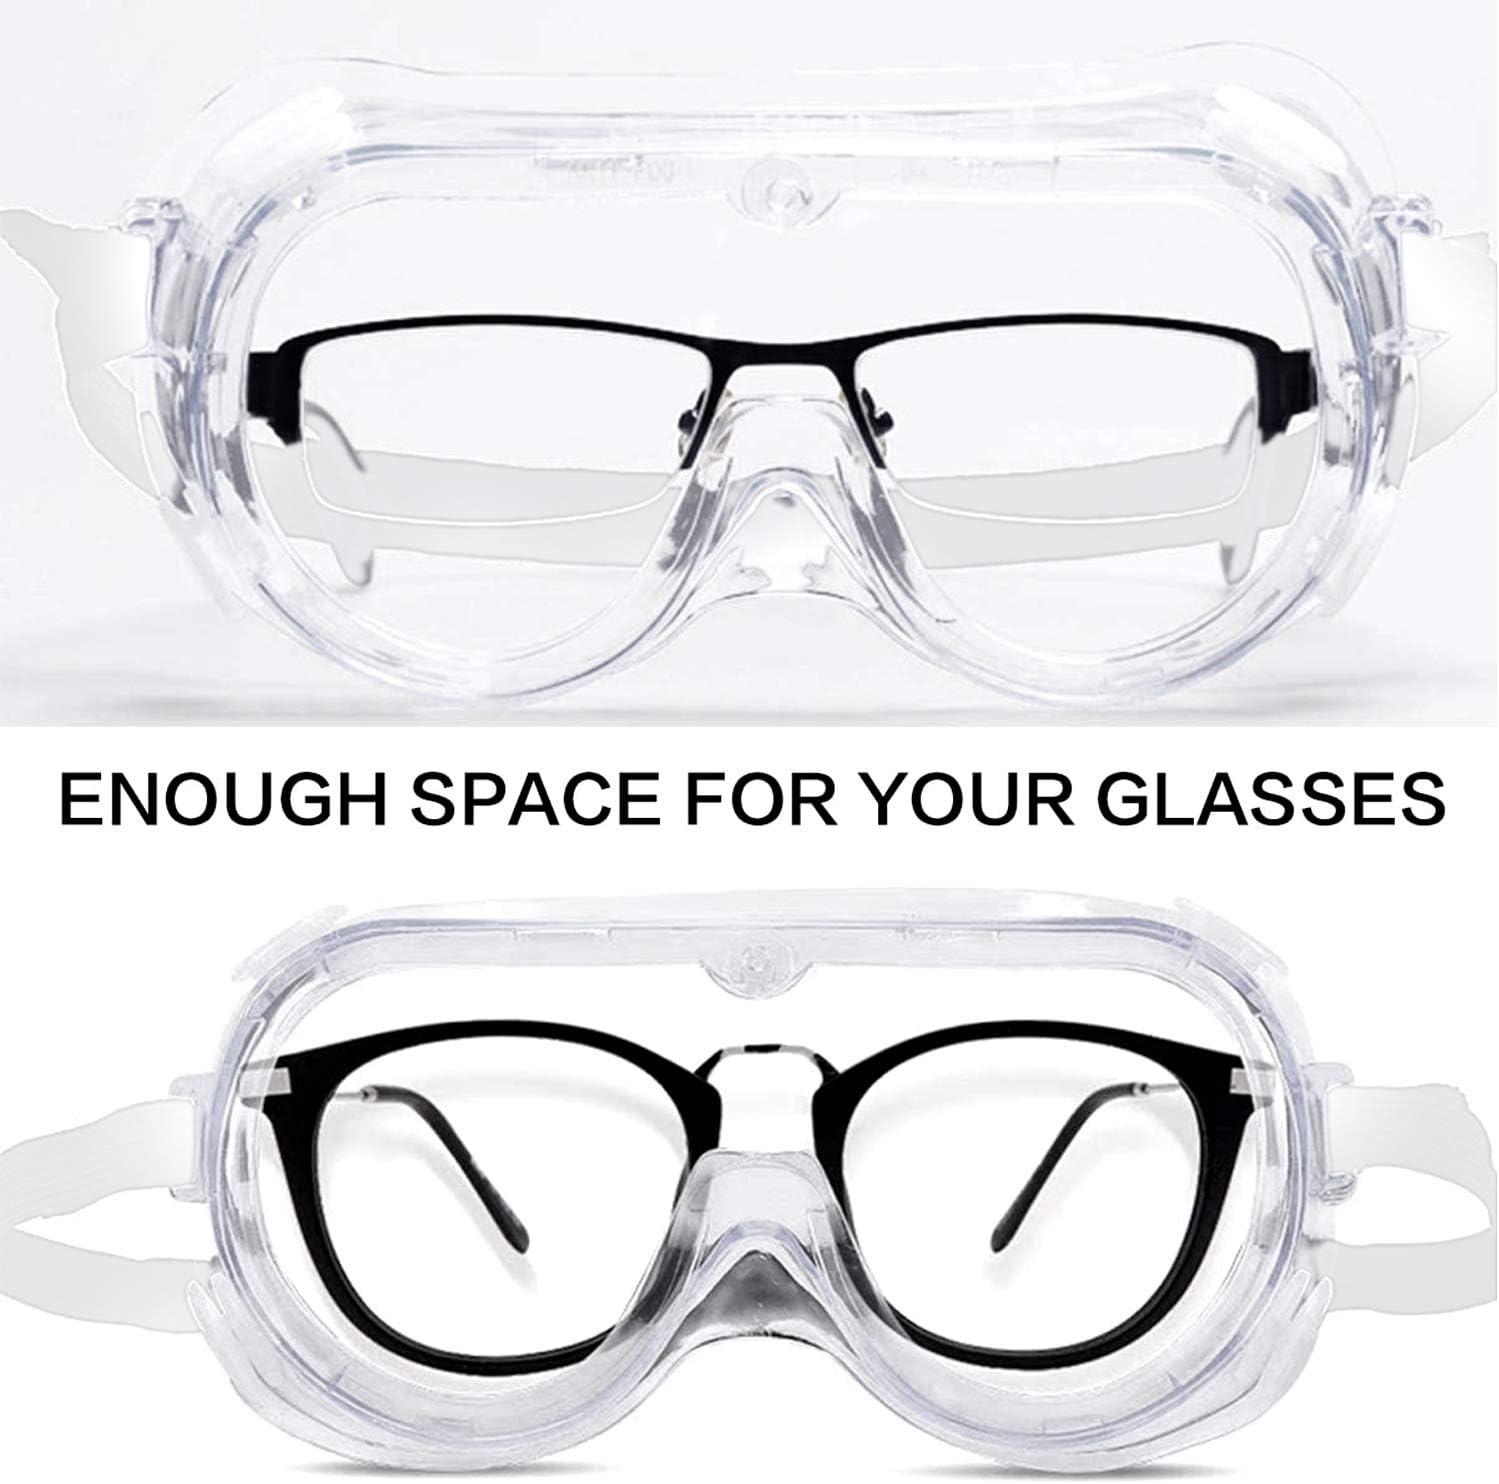 Zodight 3PCS Gafas Protectoras Gafas Proteccion Lentes de Seguridad Antivaho Antivirus Gafas de Protecci/ón de Epidemias Protectoras para Trabajo Laboratorio Transparente Hombre Mujer